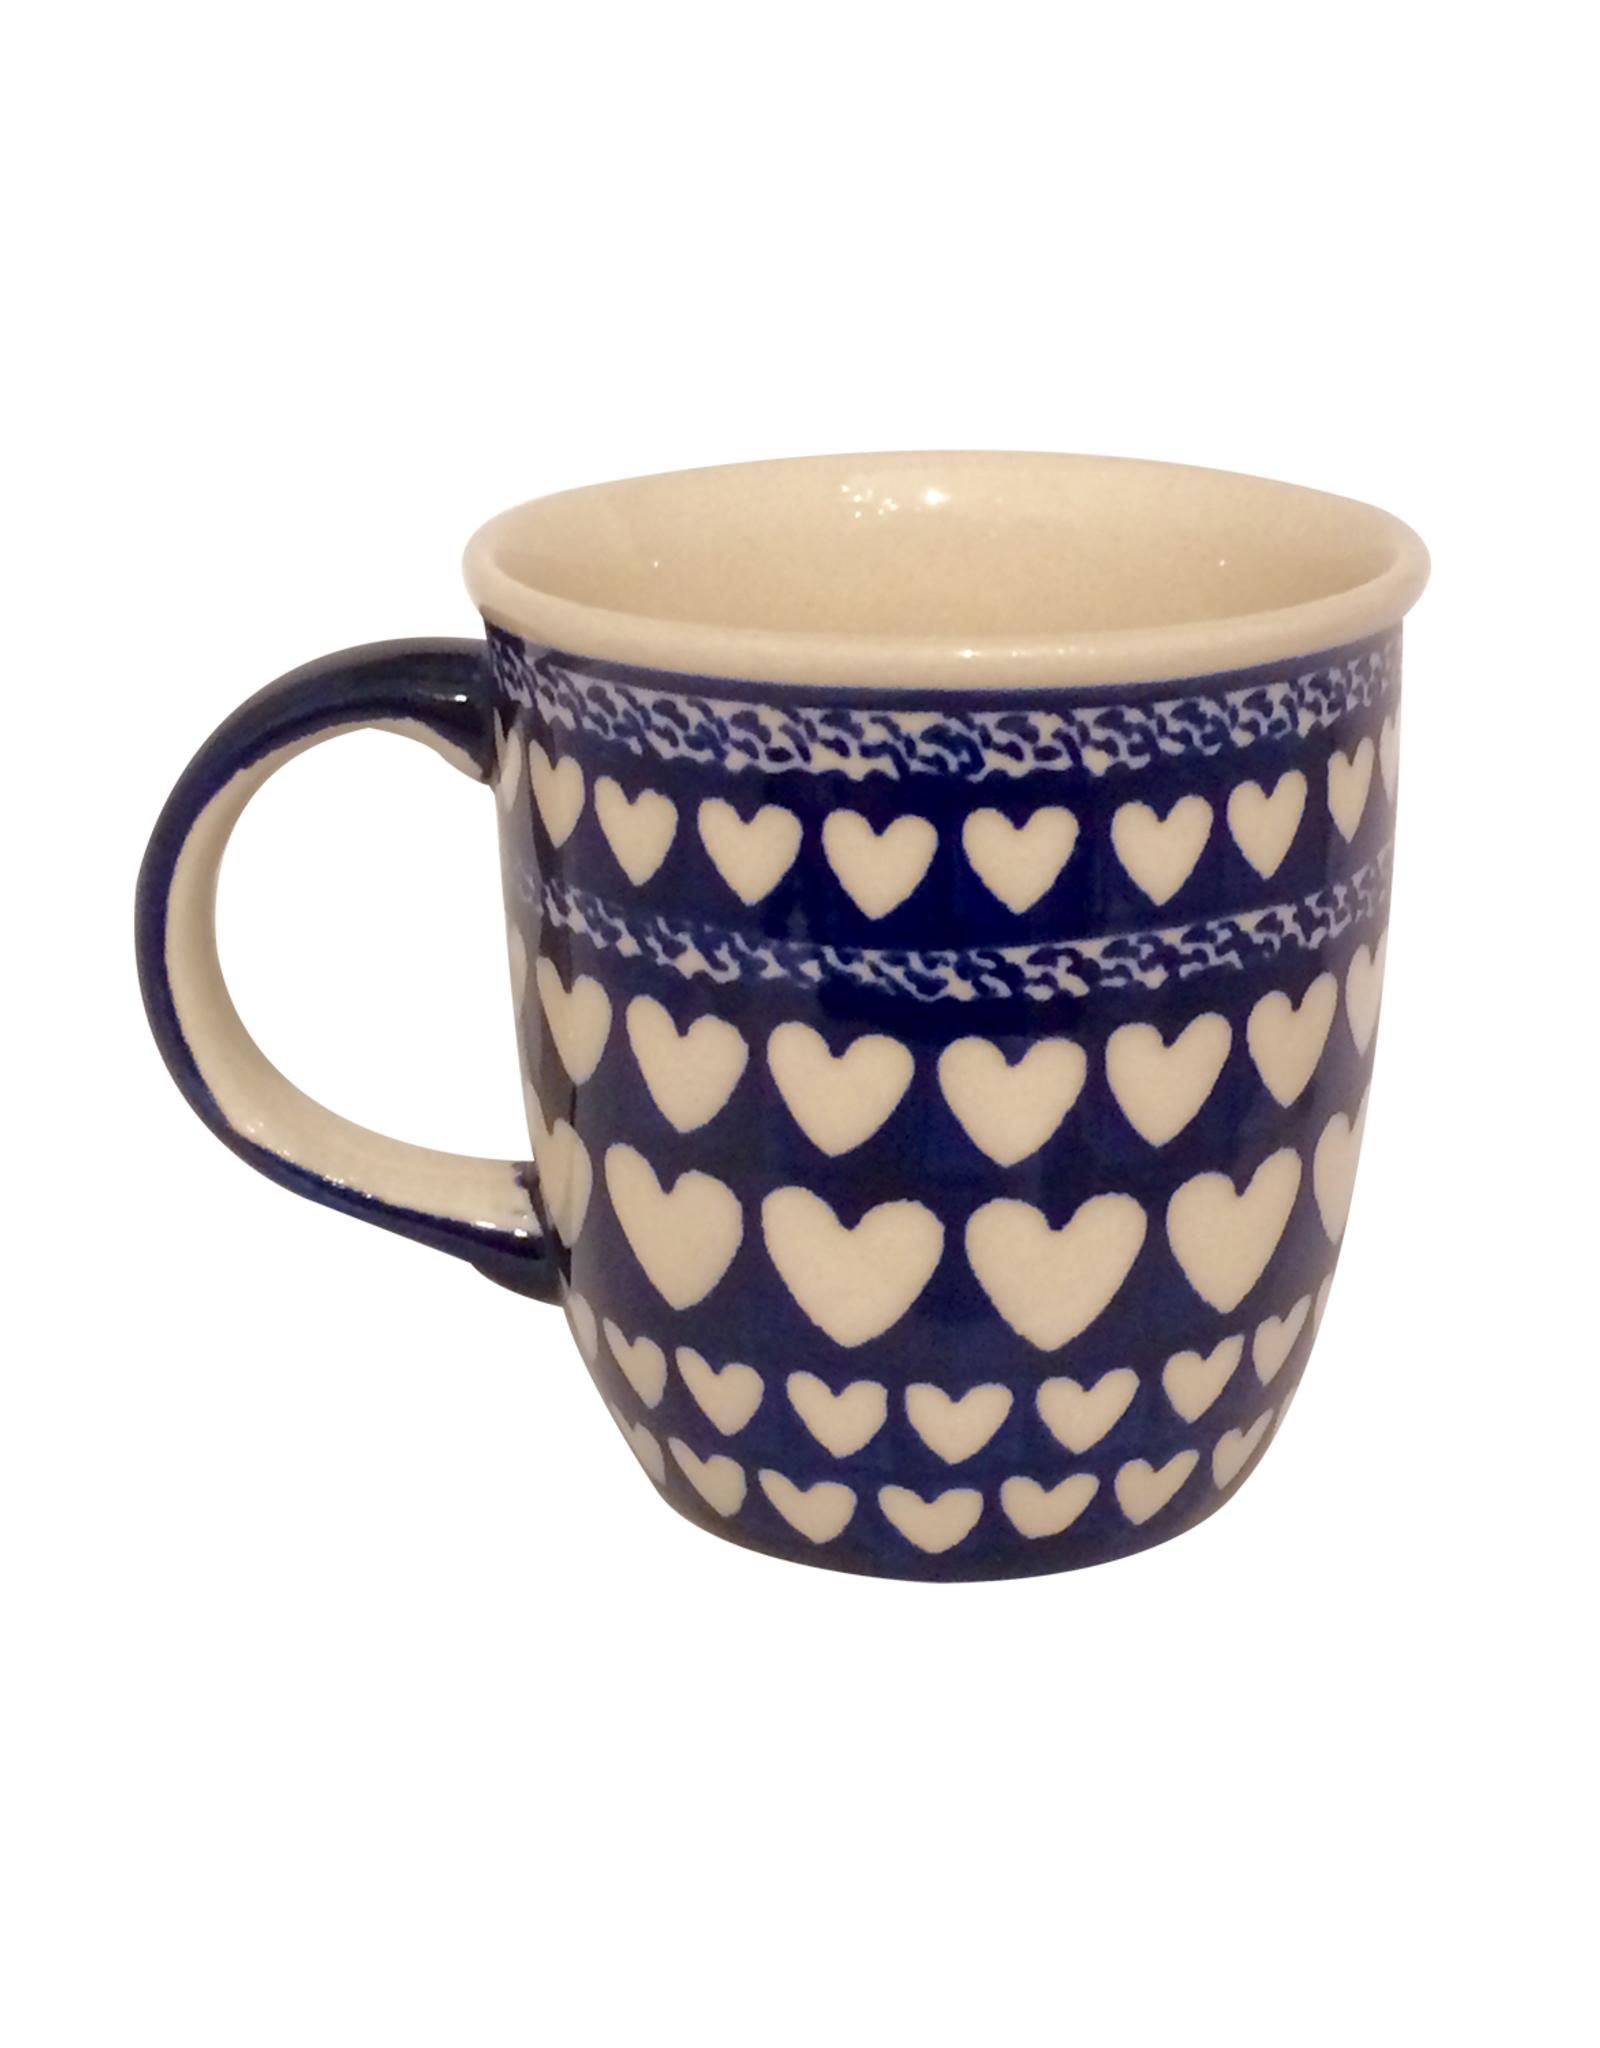 Mug - Blue With White Hearts